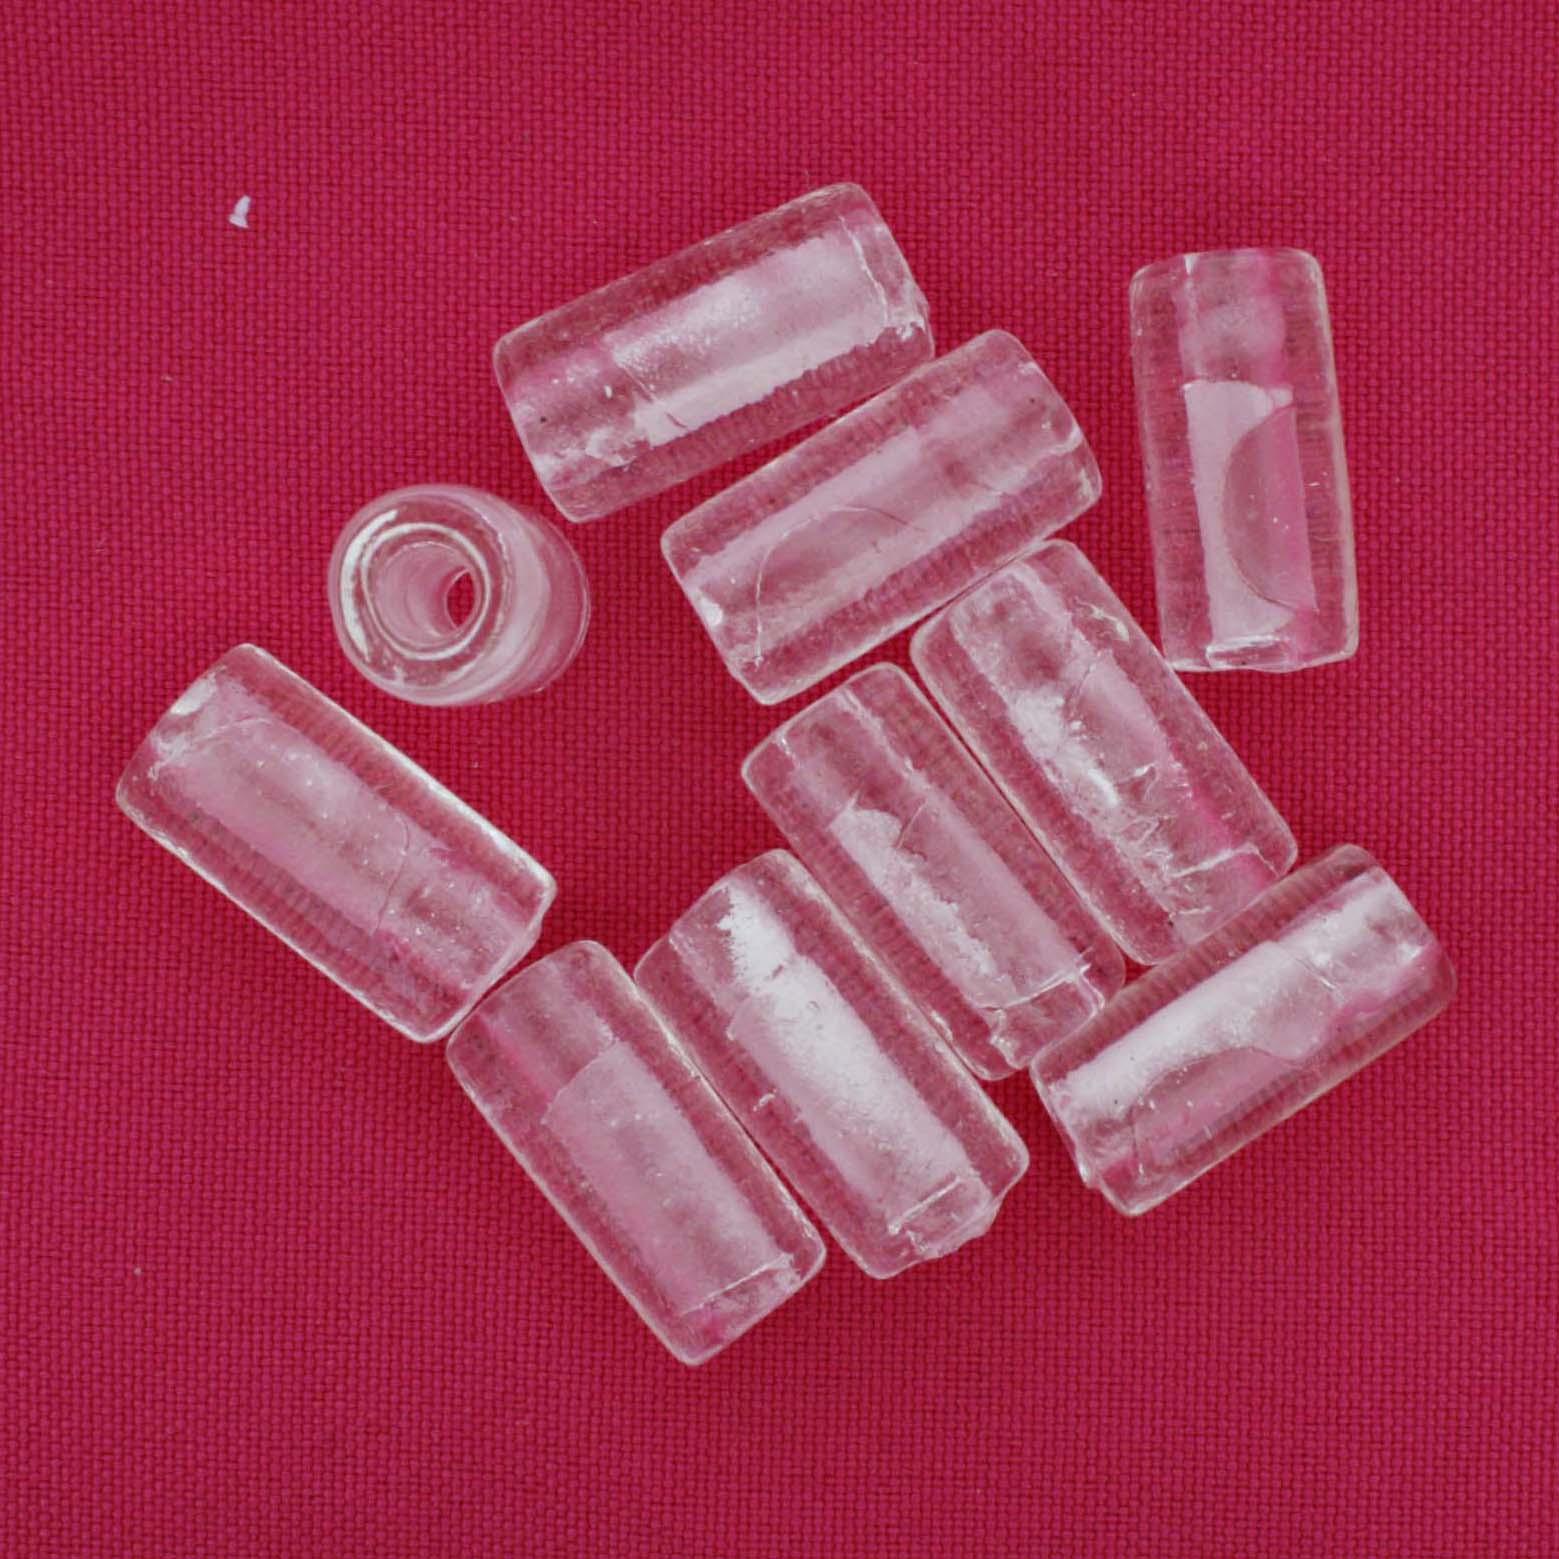 Firma Lisa - Transparente  - Stéphanie Bijoux® - Peças para Bijuterias e Artesanato